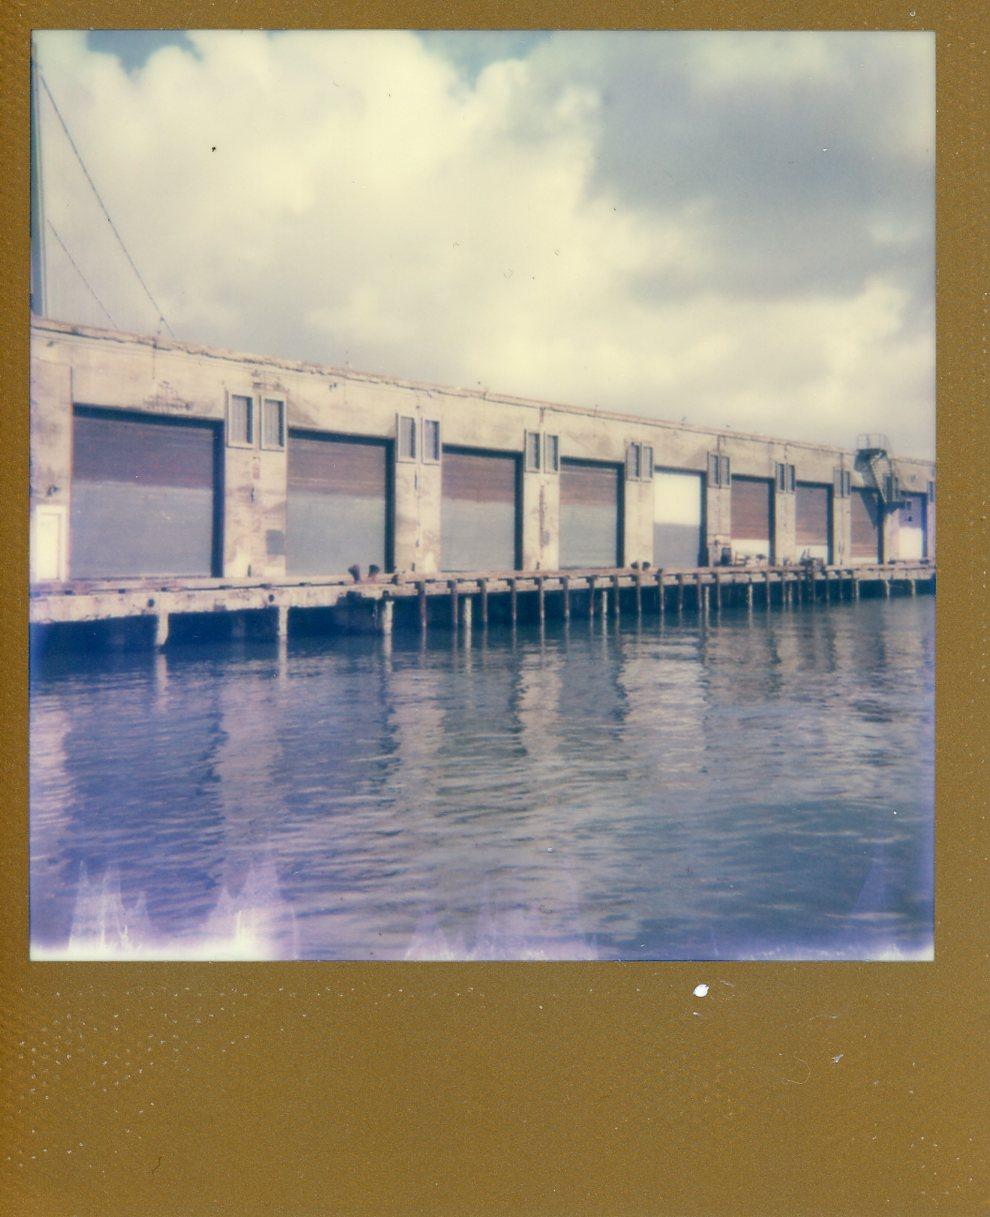 SF_Polaroid002.jpg